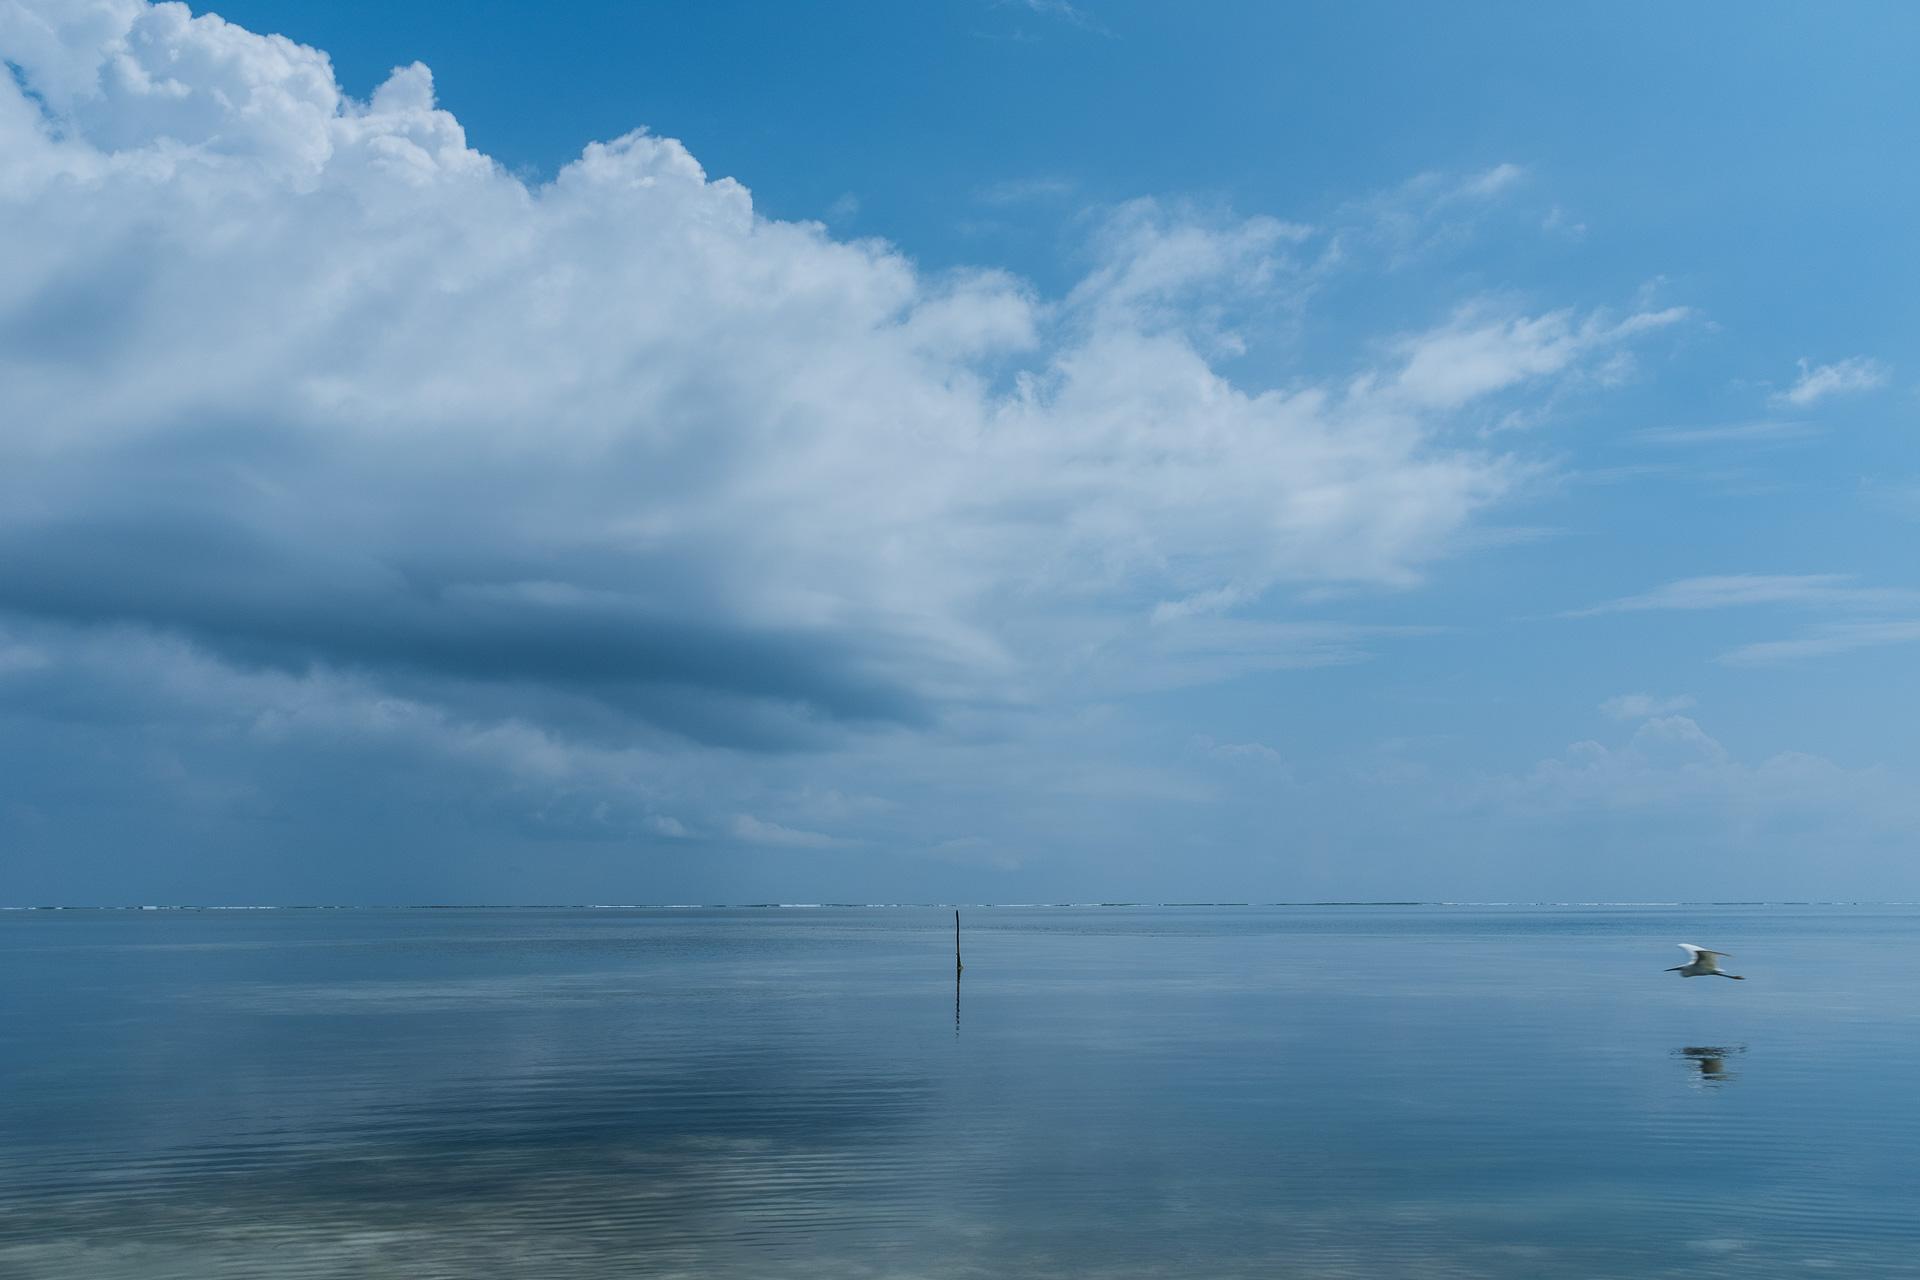 Semaines L'île Planet 2 Épices Zanzibar Yummy Aux Sur 4w7gqFF1H